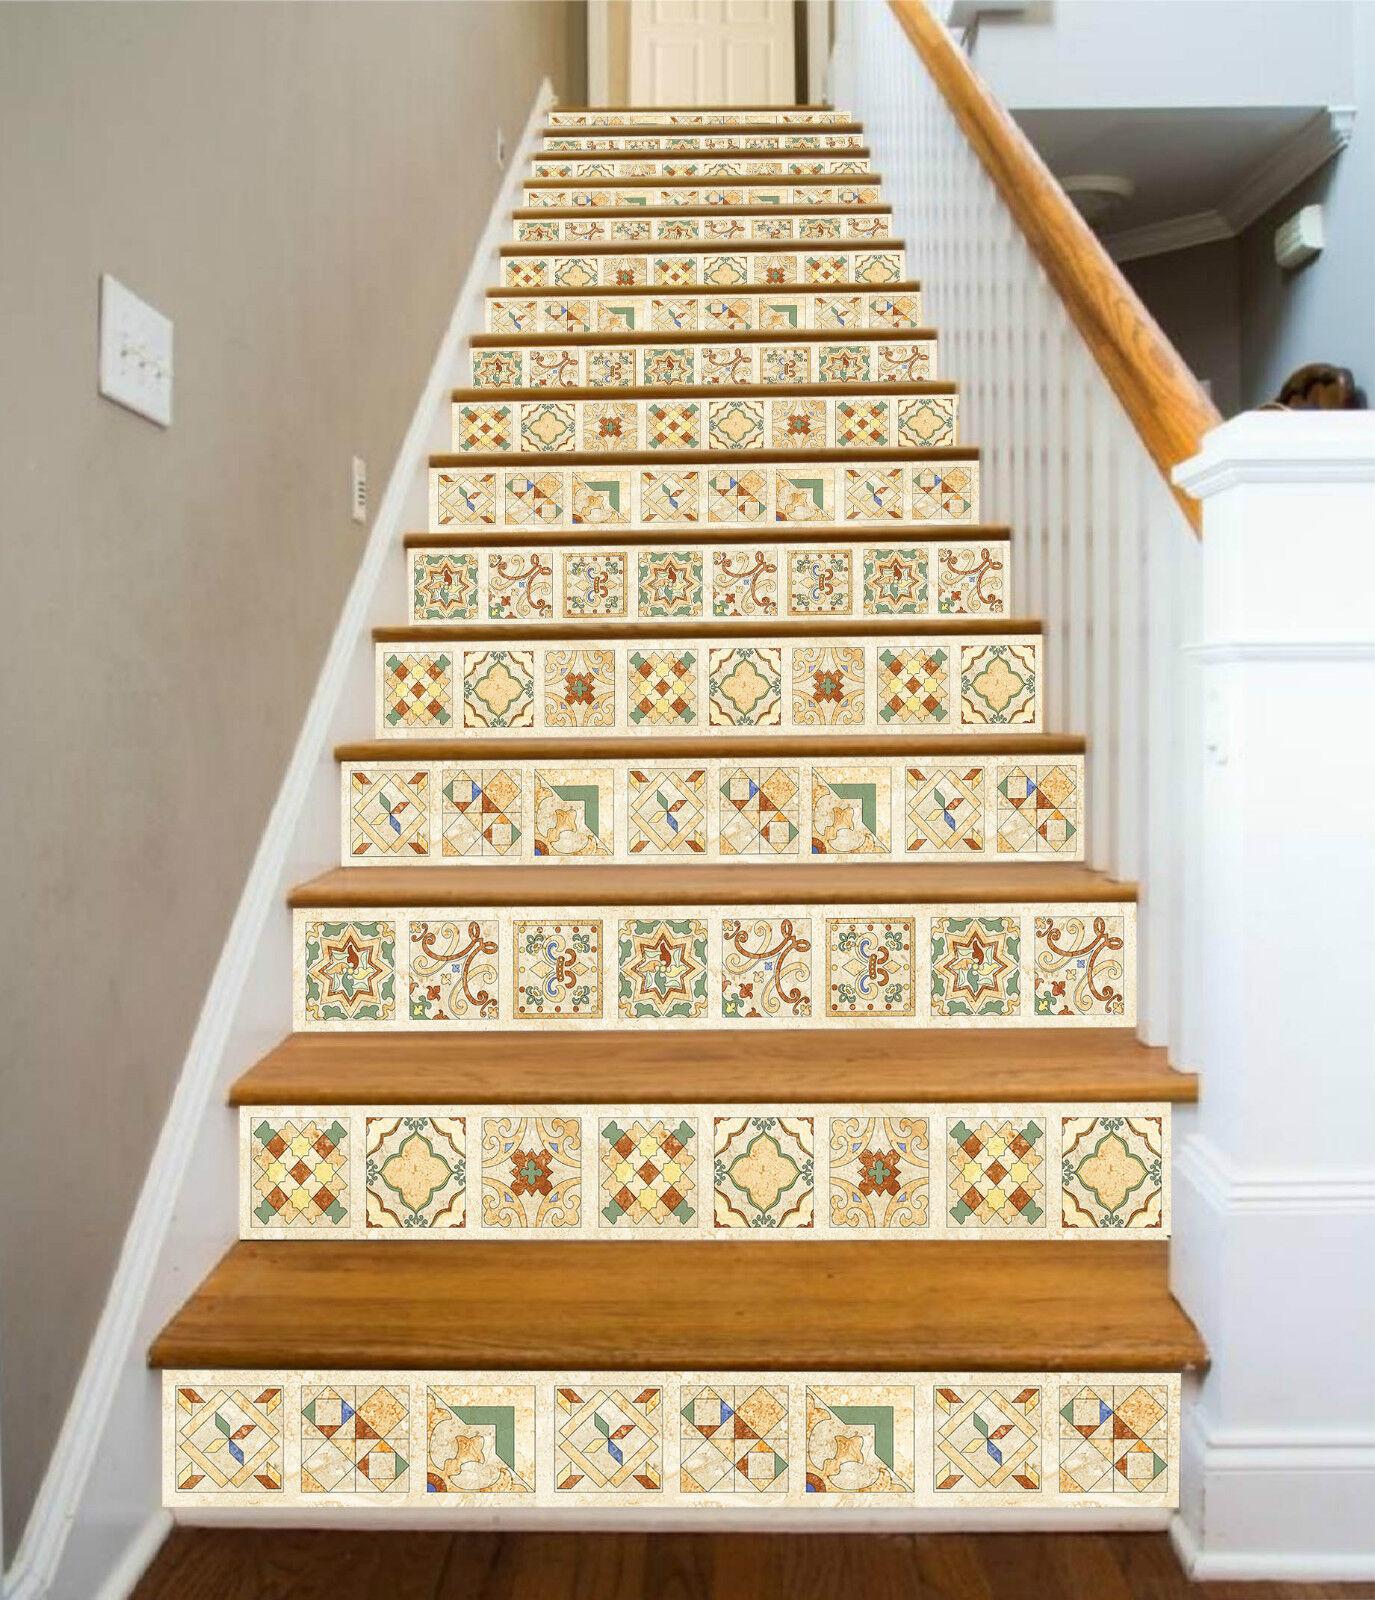 3D Muster 662 Stair Riser Dekoration Fototapete Vinyl Aufkleber Tapete DE Lemon